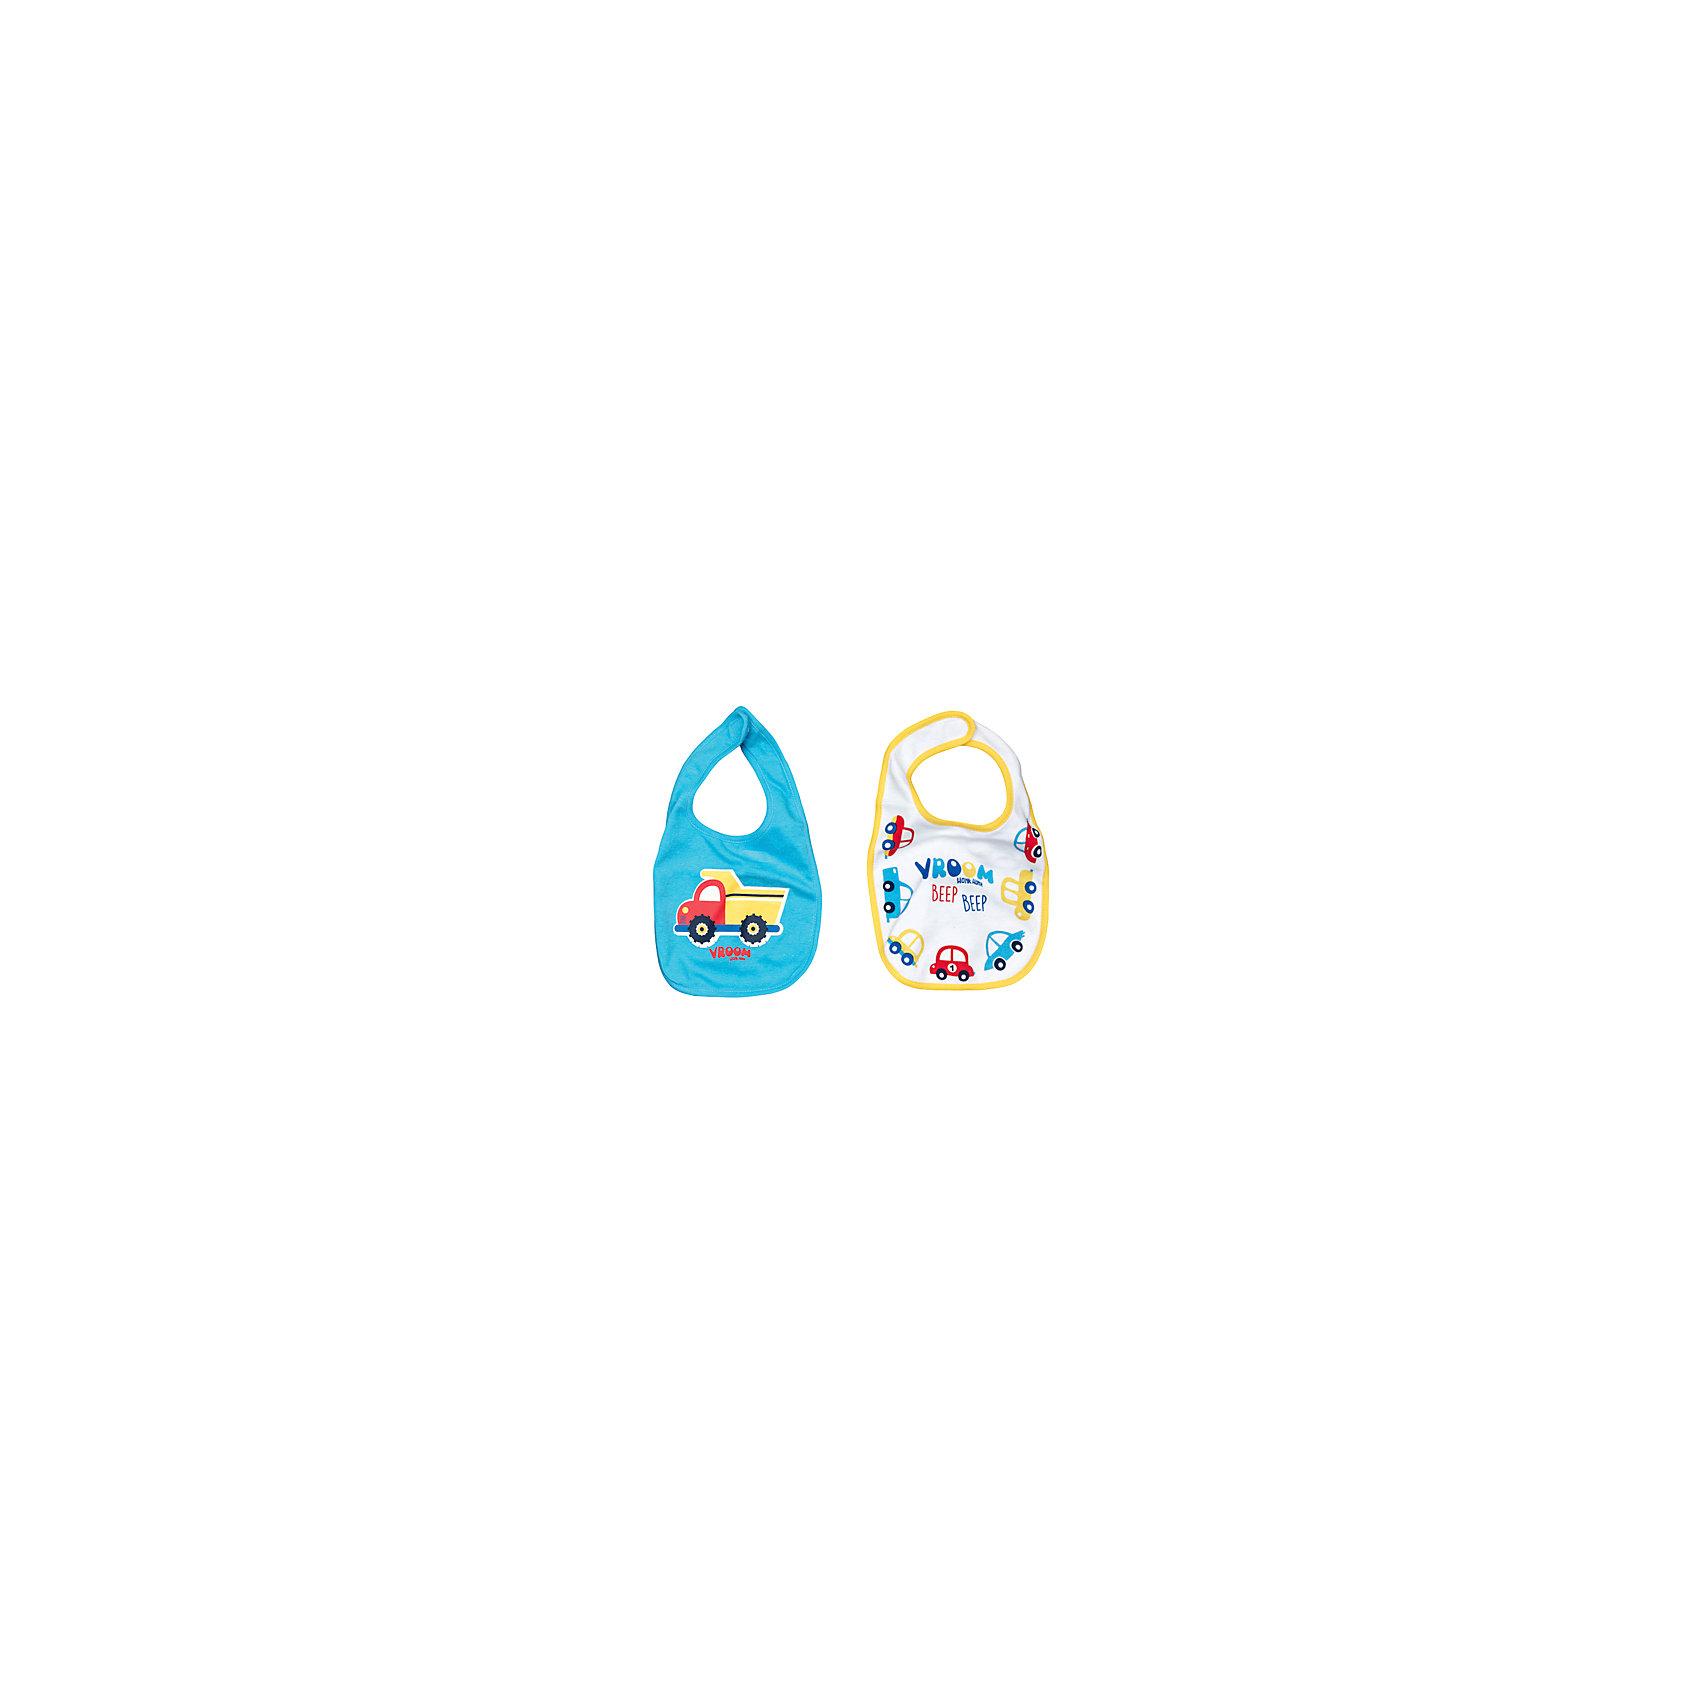 Нагрудник для мальчика PlayTodayНагрудник для мальчика от известного бренда PlayToday.<br>Комплект из двух ярких нагрудников для малыша. Украшены принтами с яркими нашивками. Верх нагрудника - мягкий трикотаж, низ - непромокаемая подкладка.<br>Состав:<br>100% хлопок<br><br>Ширина мм: 157<br>Глубина мм: 13<br>Высота мм: 119<br>Вес г: 200<br>Цвет: разноцветный<br>Возраст от месяцев: 0<br>Возраст до месяцев: 24<br>Пол: Мужской<br>Возраст: Детский<br>Размер: one size<br>SKU: 4901032